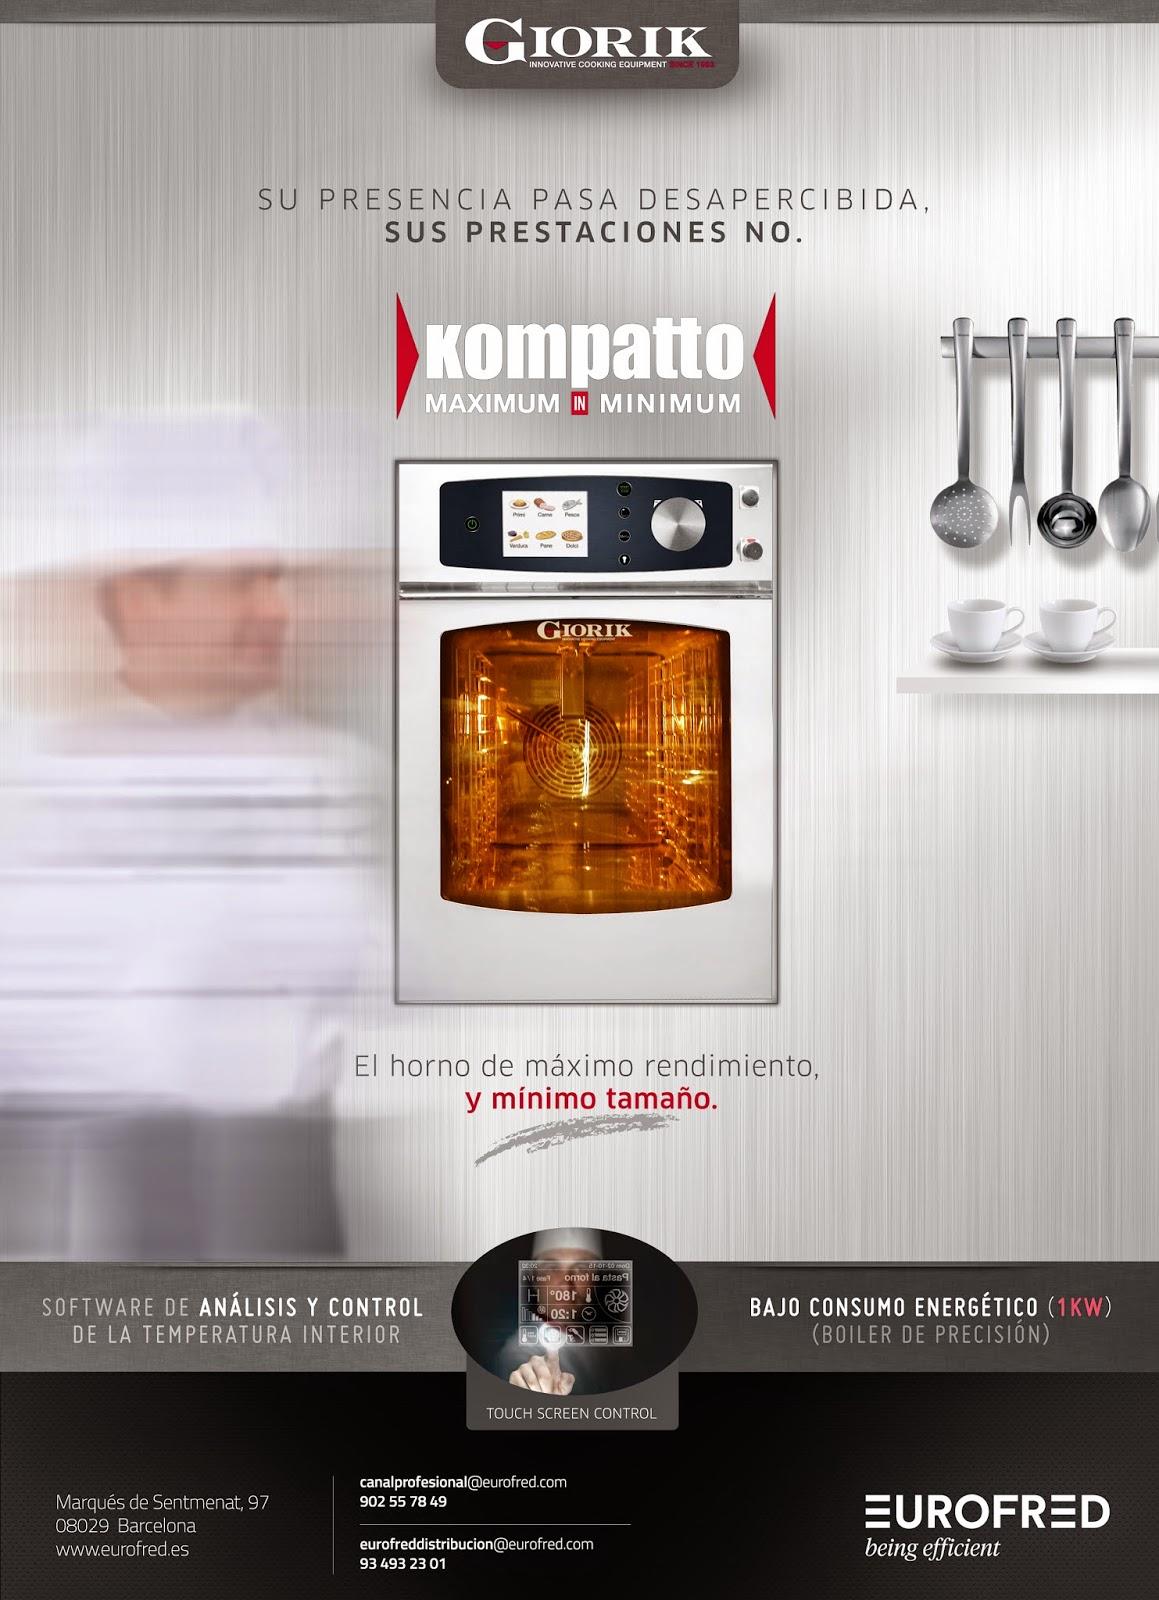 Giorik agencia publicidad kellenfol advertising